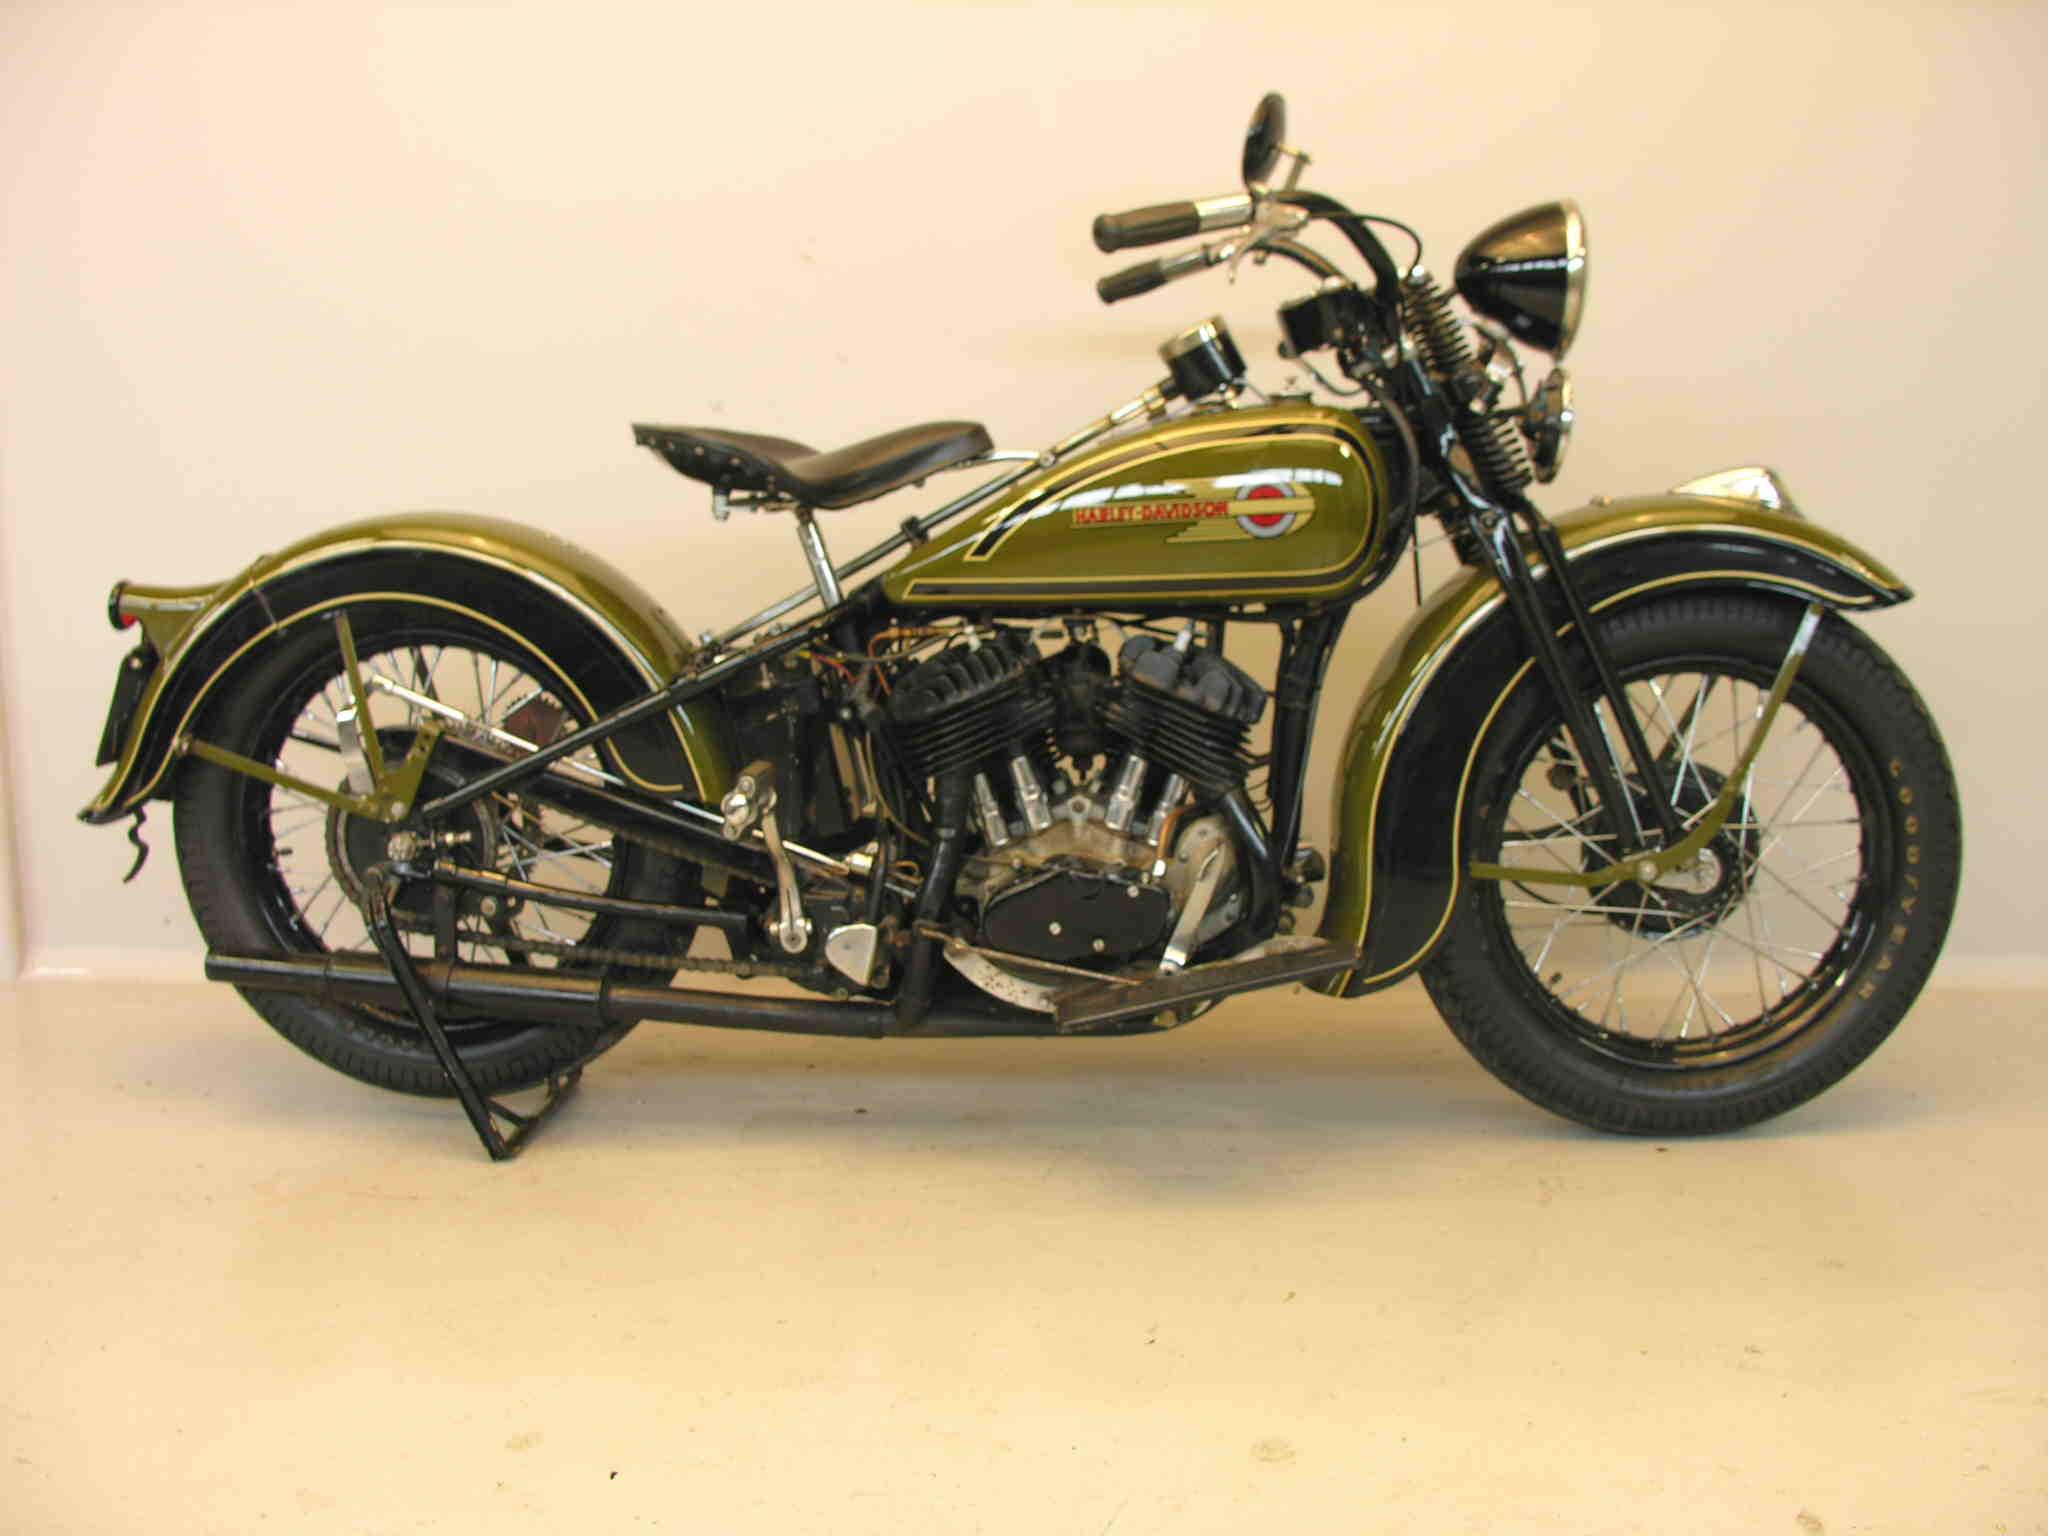 Harley Davidson 1936 36R 750 cc 2 cyl sv - Yesterdays